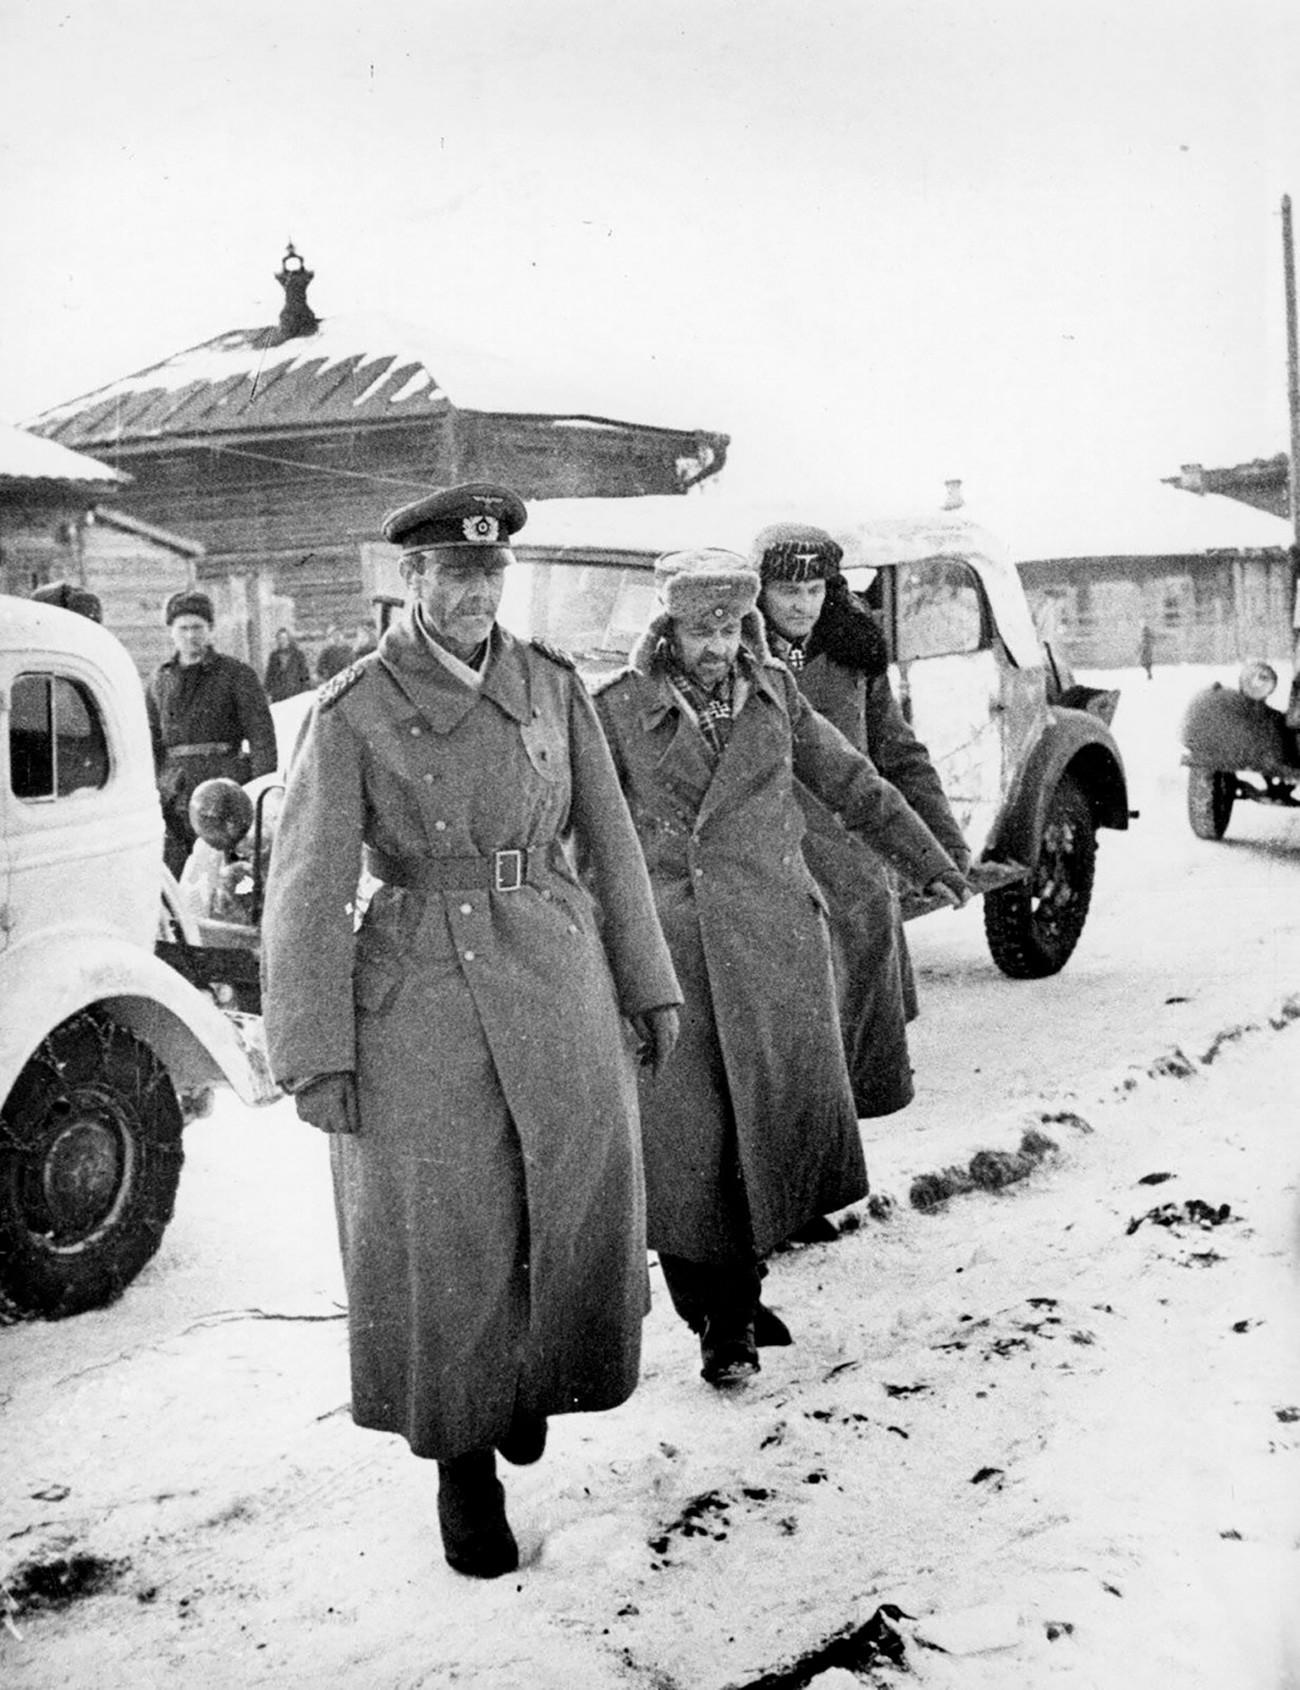 Предаја Паулуса, 31. јануар 1943.